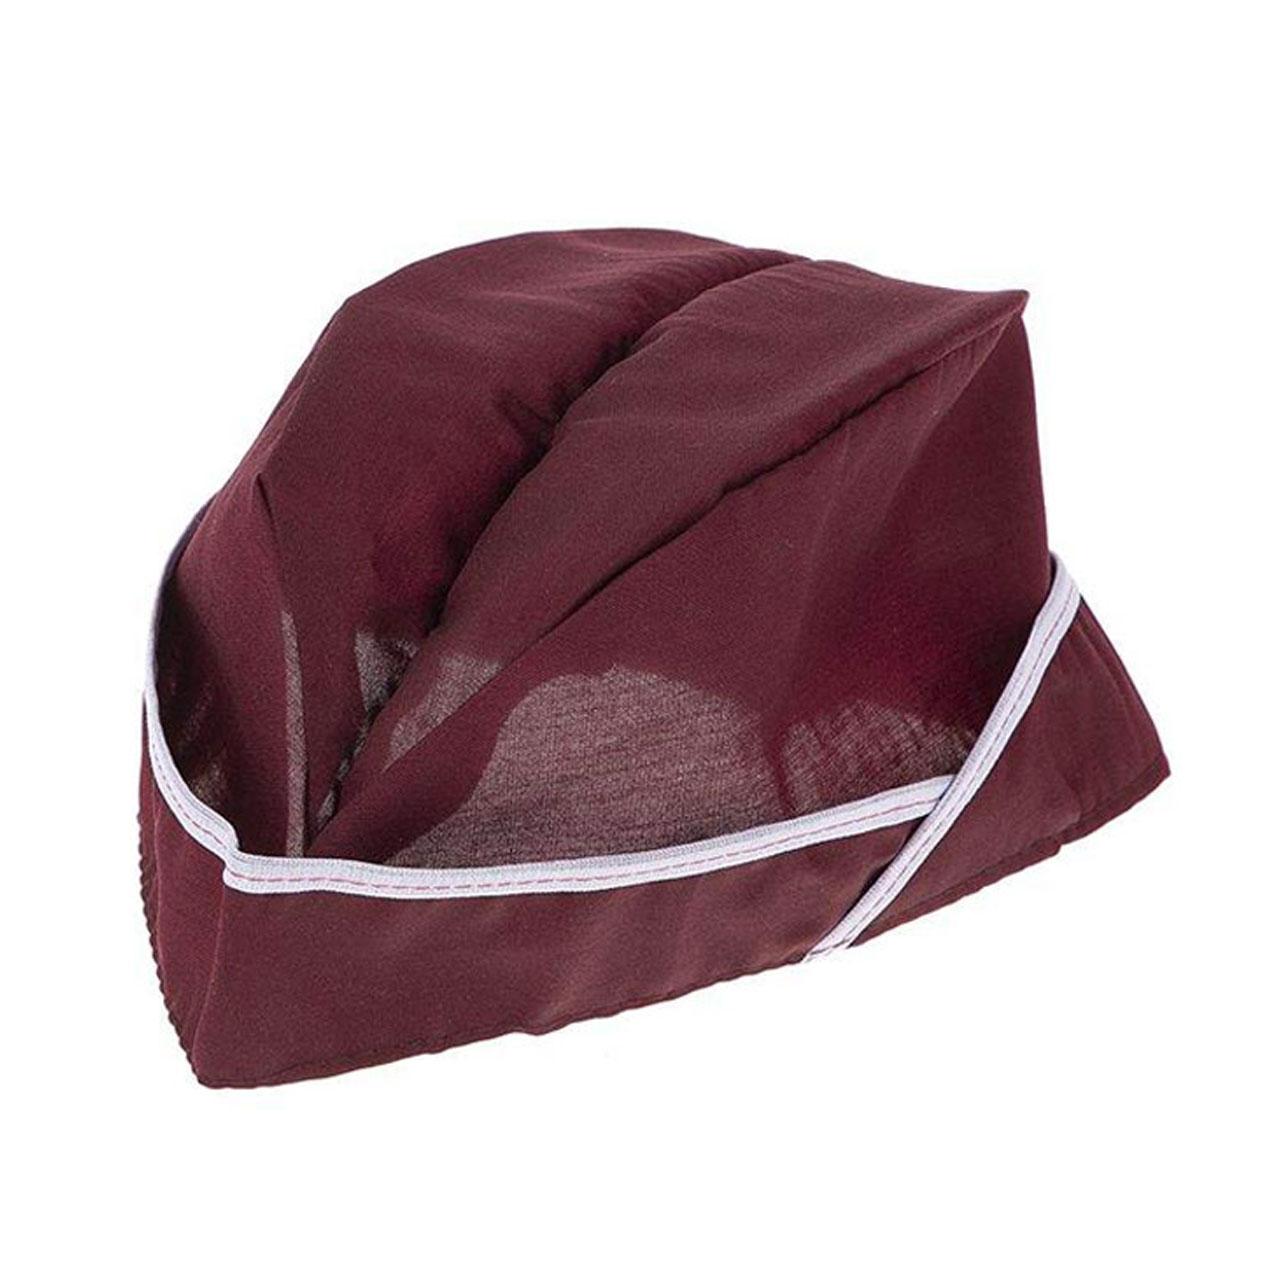 کلاه آشپزی کد IGD رنگ زرشکی بسته سه عددی